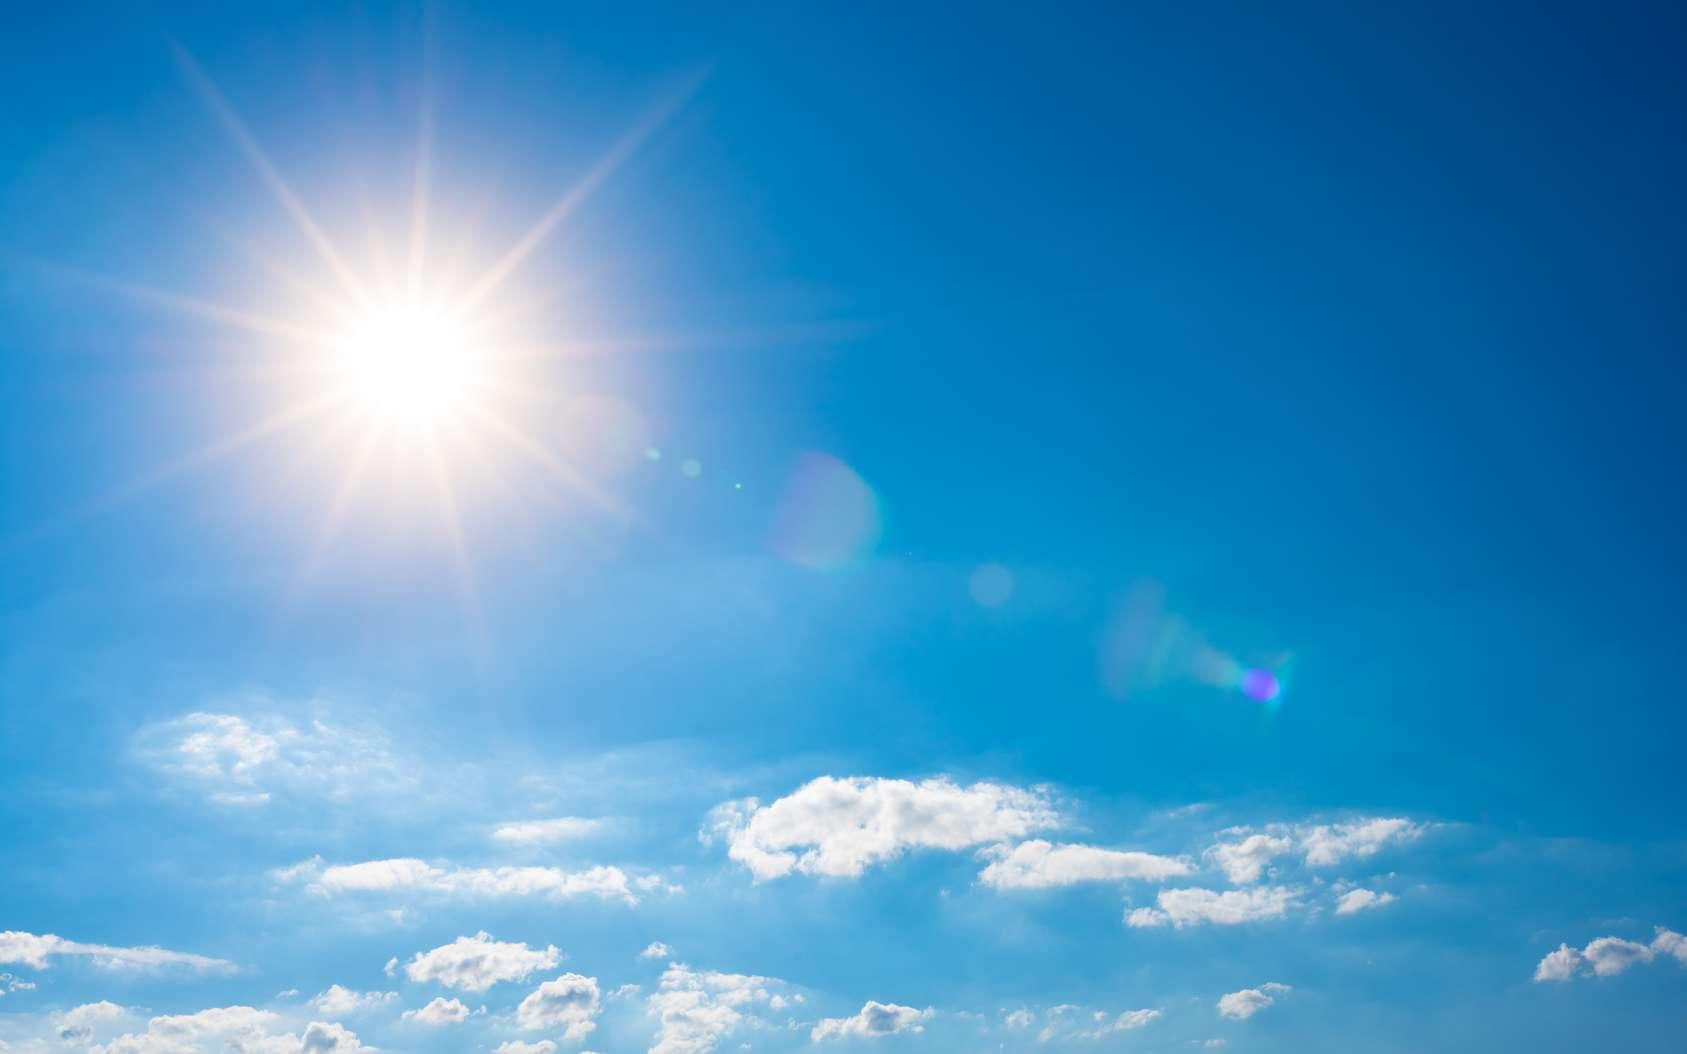 En septembre 2019, le thermomètre a dépassé les 33 degrés durant 11 jours